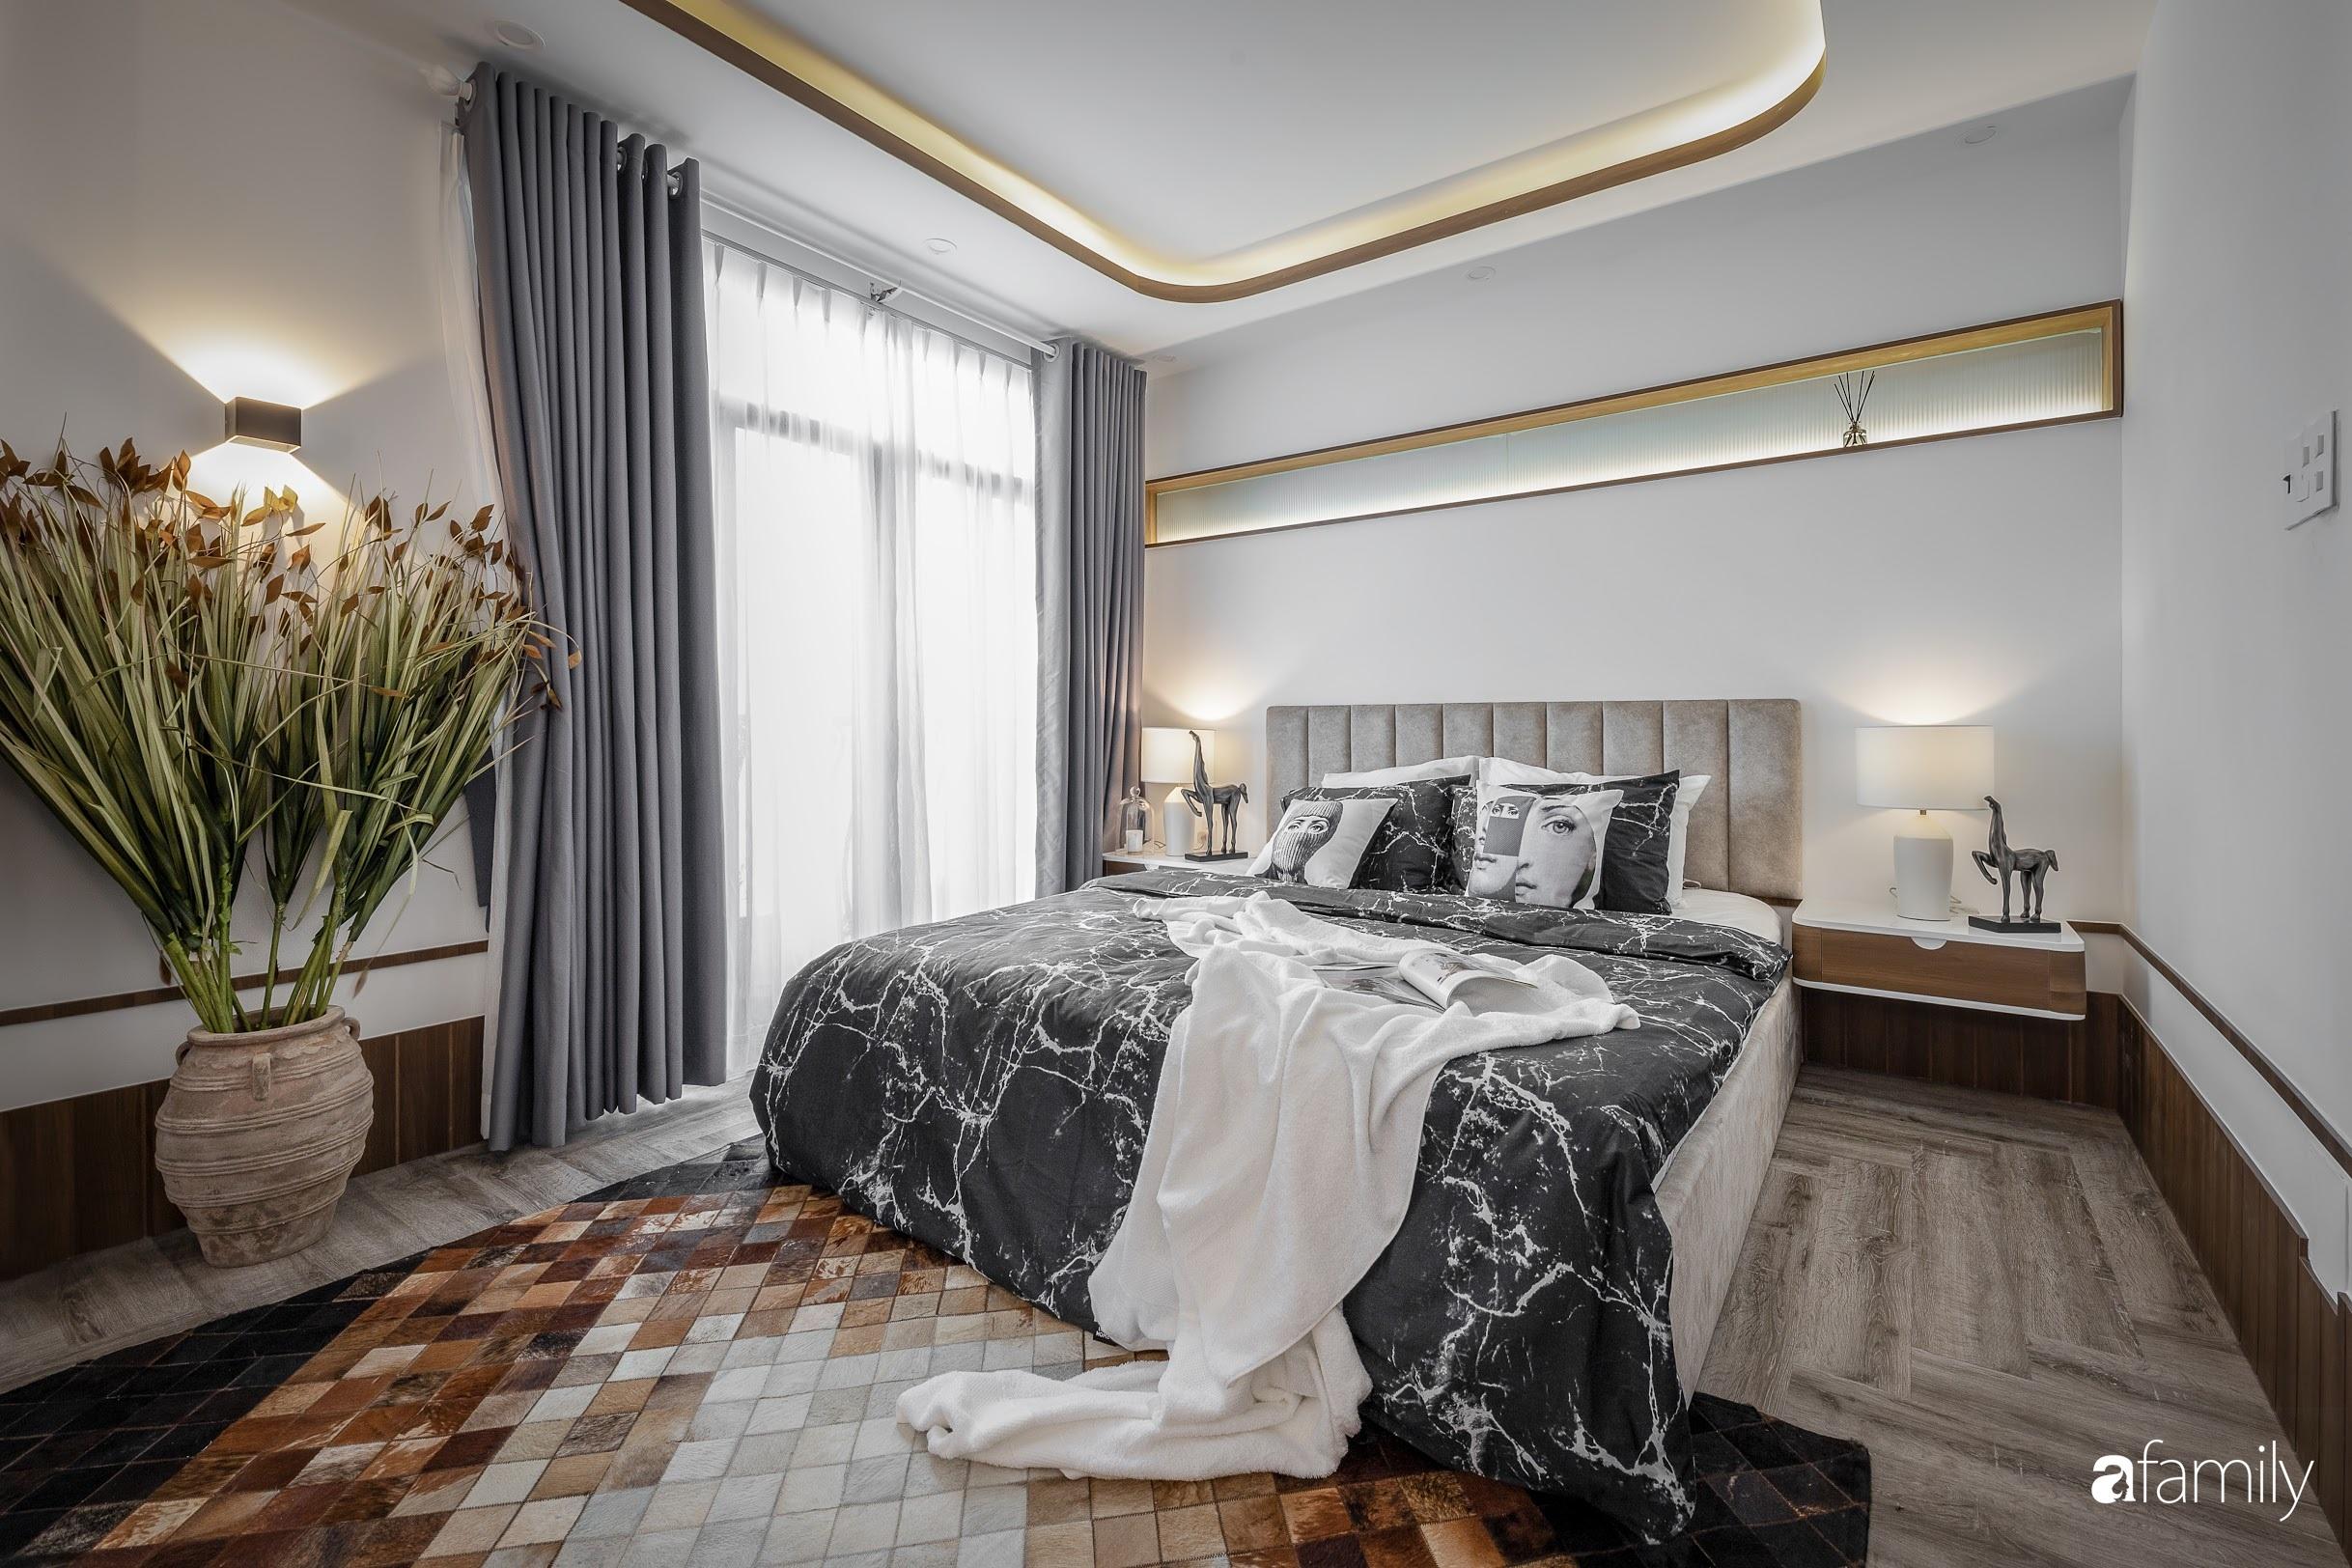 Căn nhà 5 tầng trong hẻm sang chảnh như resort cao cấp với chi phí thiết kế 900 triệu đồng ở TP HCMHCM - Ảnh 12.